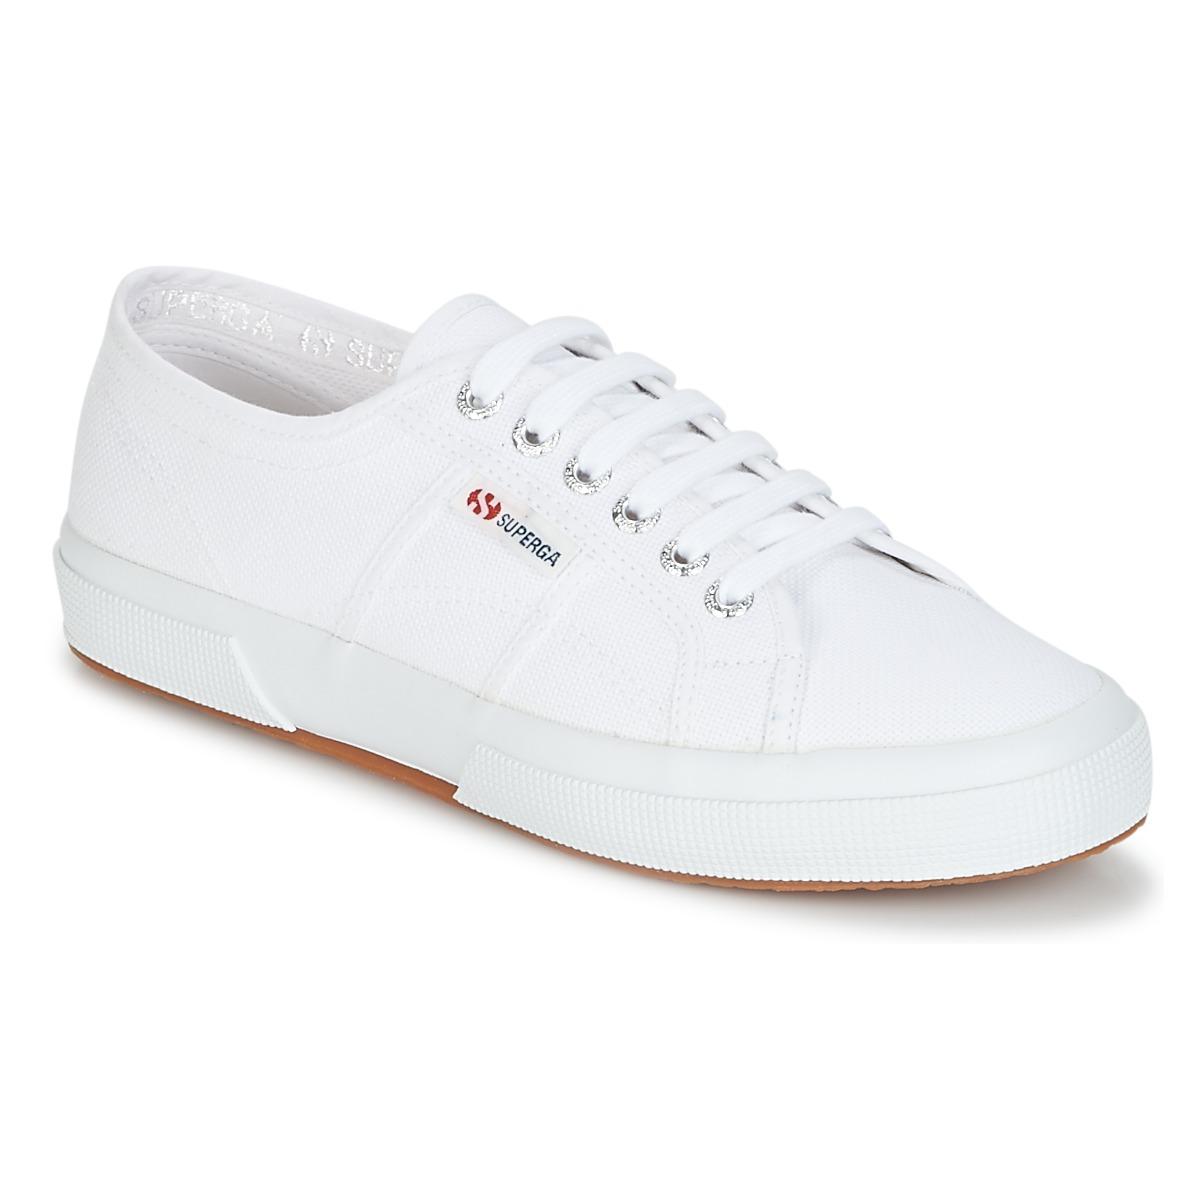 Superga 2750 CLASSIC White